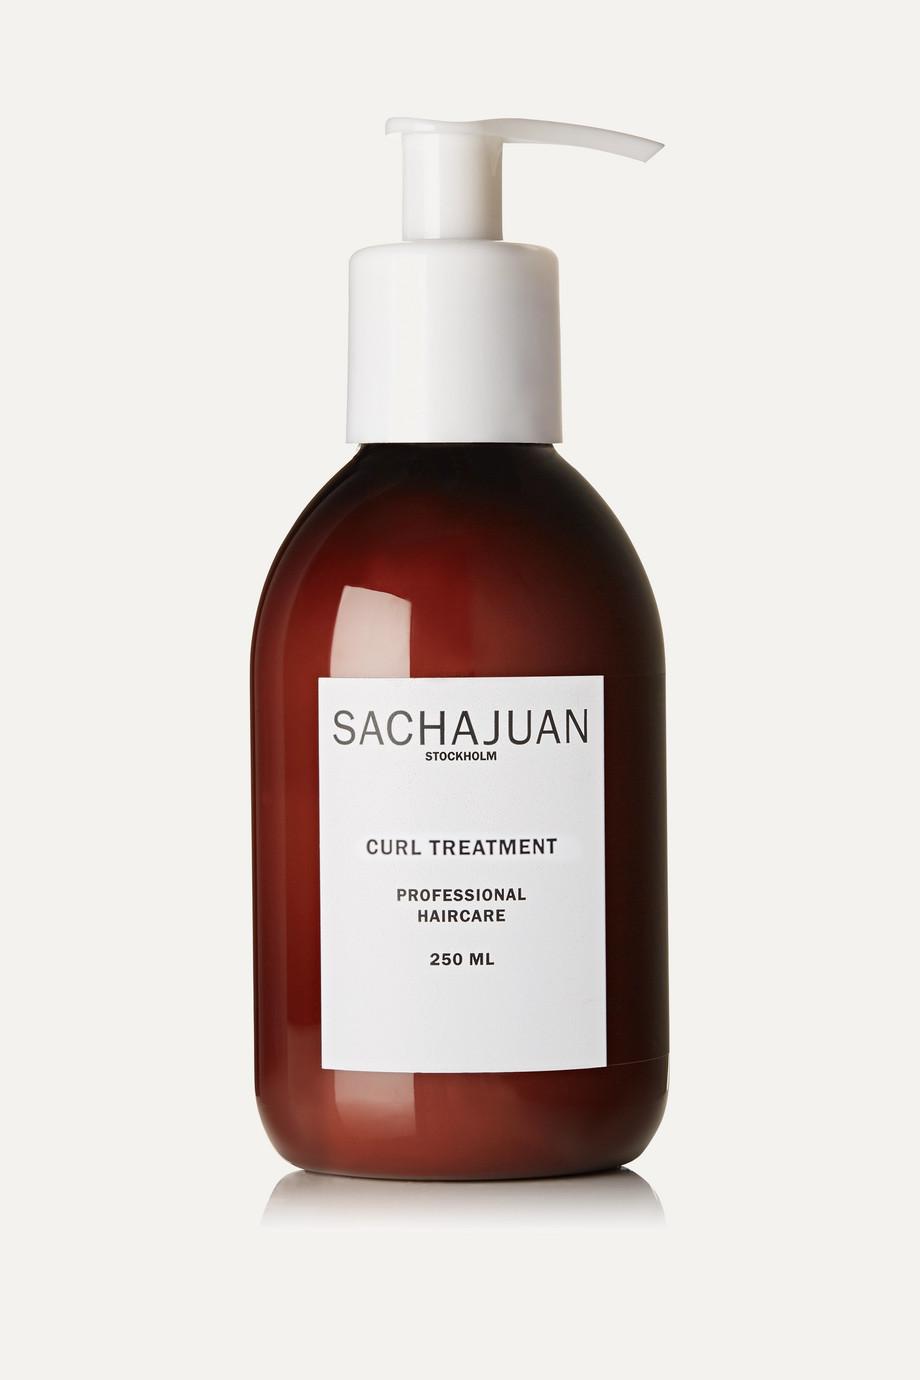 SACHAJUAN Curl Treatment, 250ml